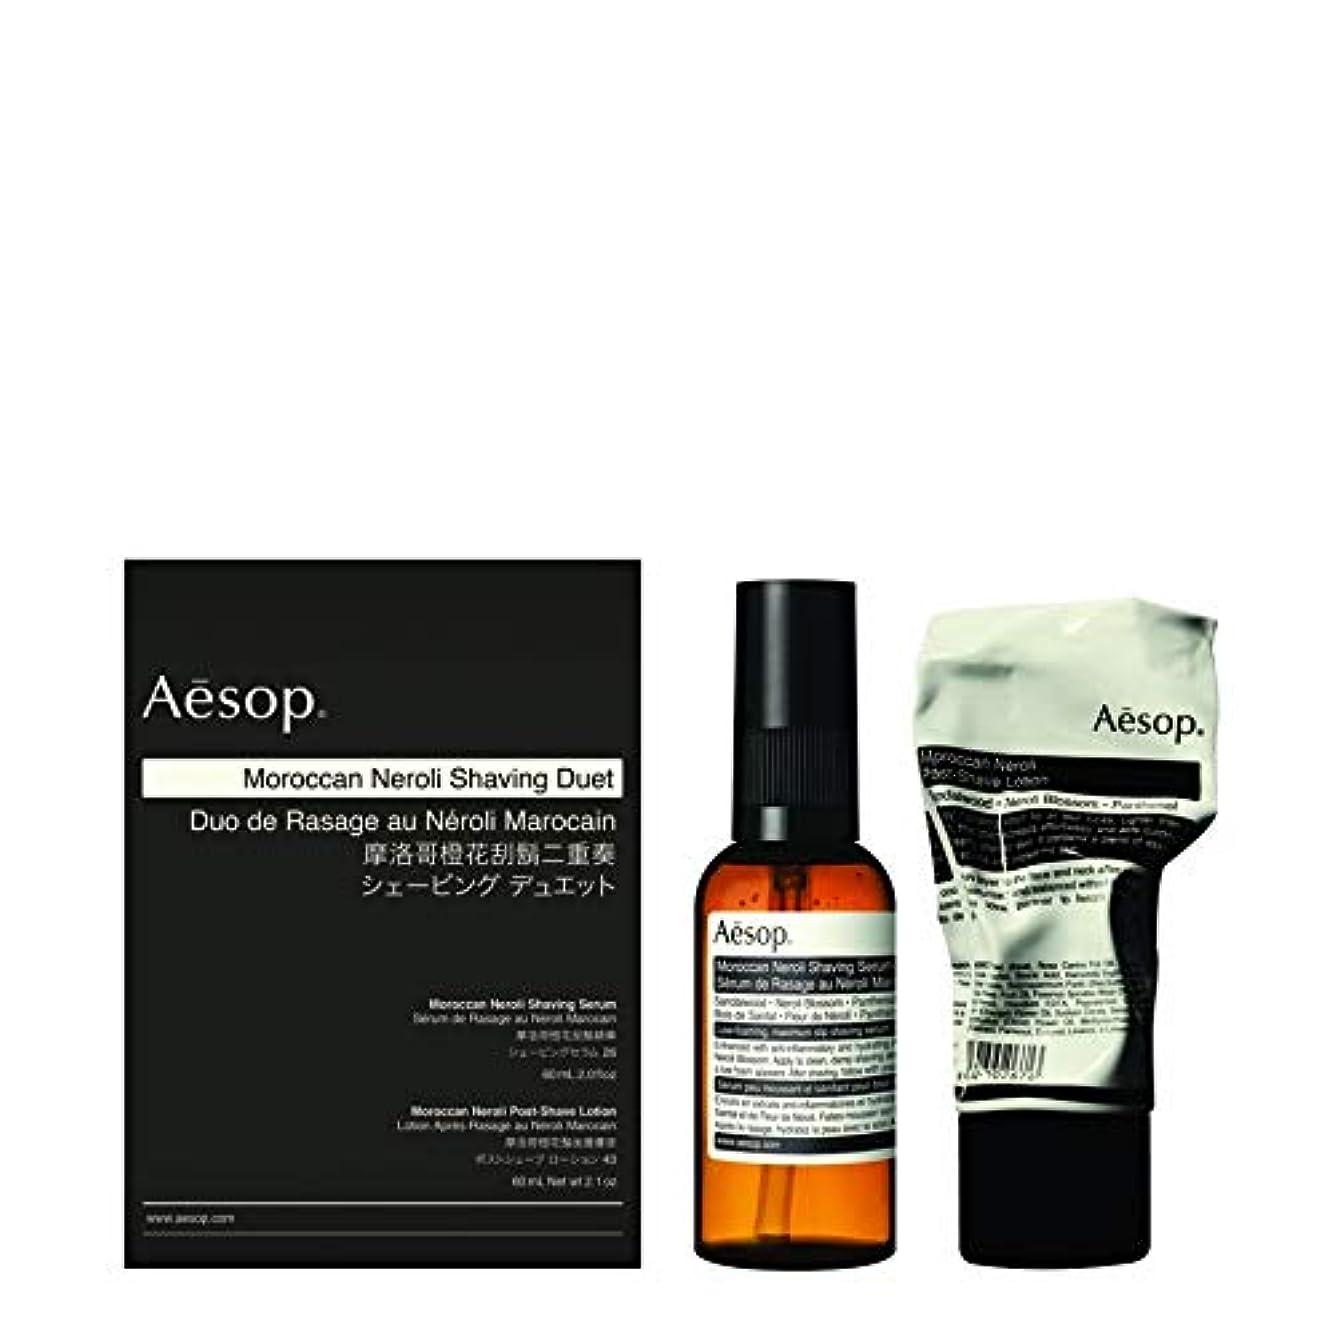 アルファベット順宇宙の検出する[Aesop] イソップモロッコネロリシェービングデュエット - Aesop Moroccan Neroli Shaving Duet [並行輸入品]